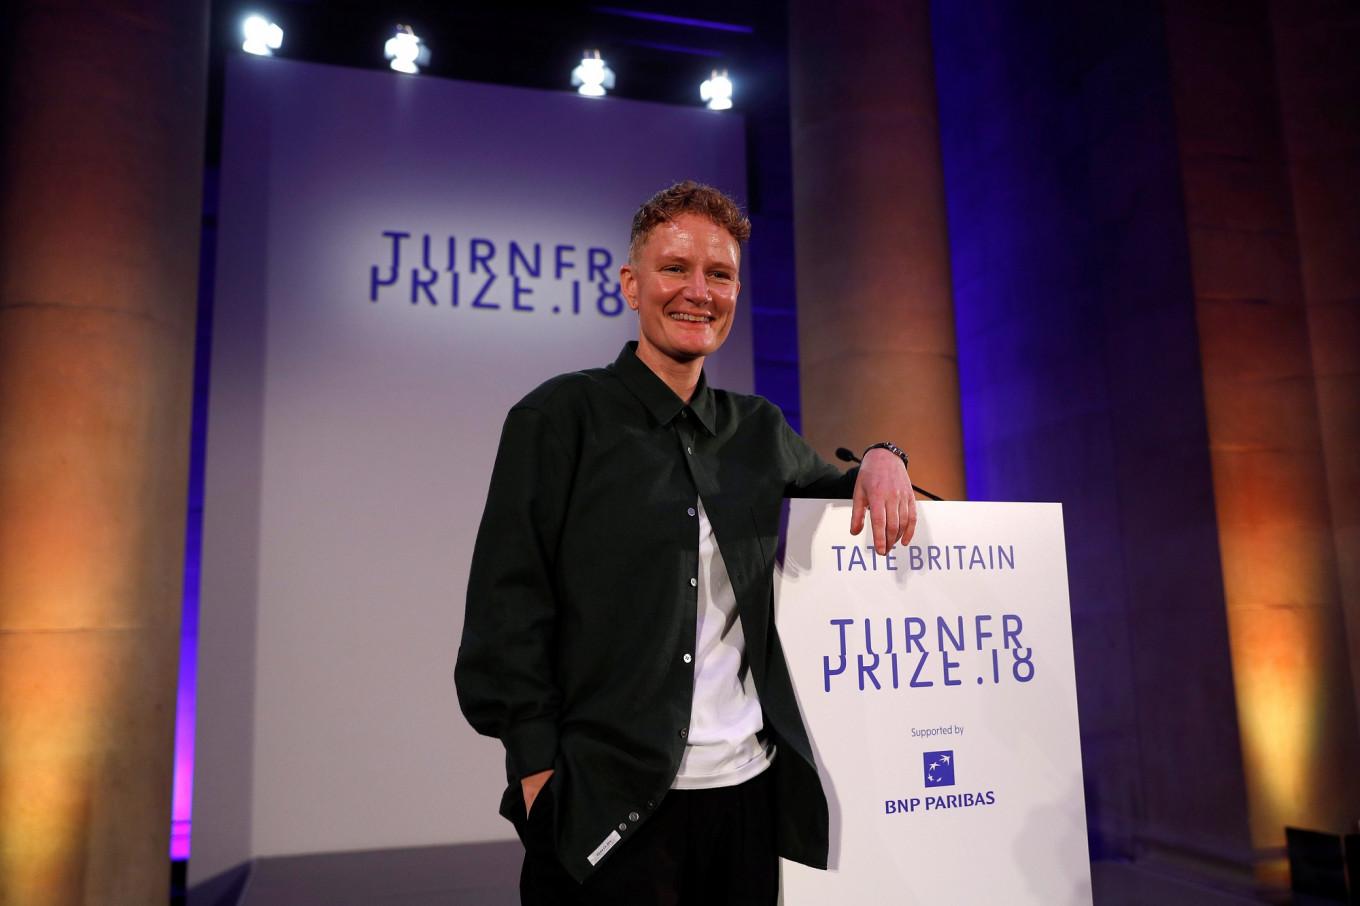 Scottish iPhone filmmaker wins Turner Prize